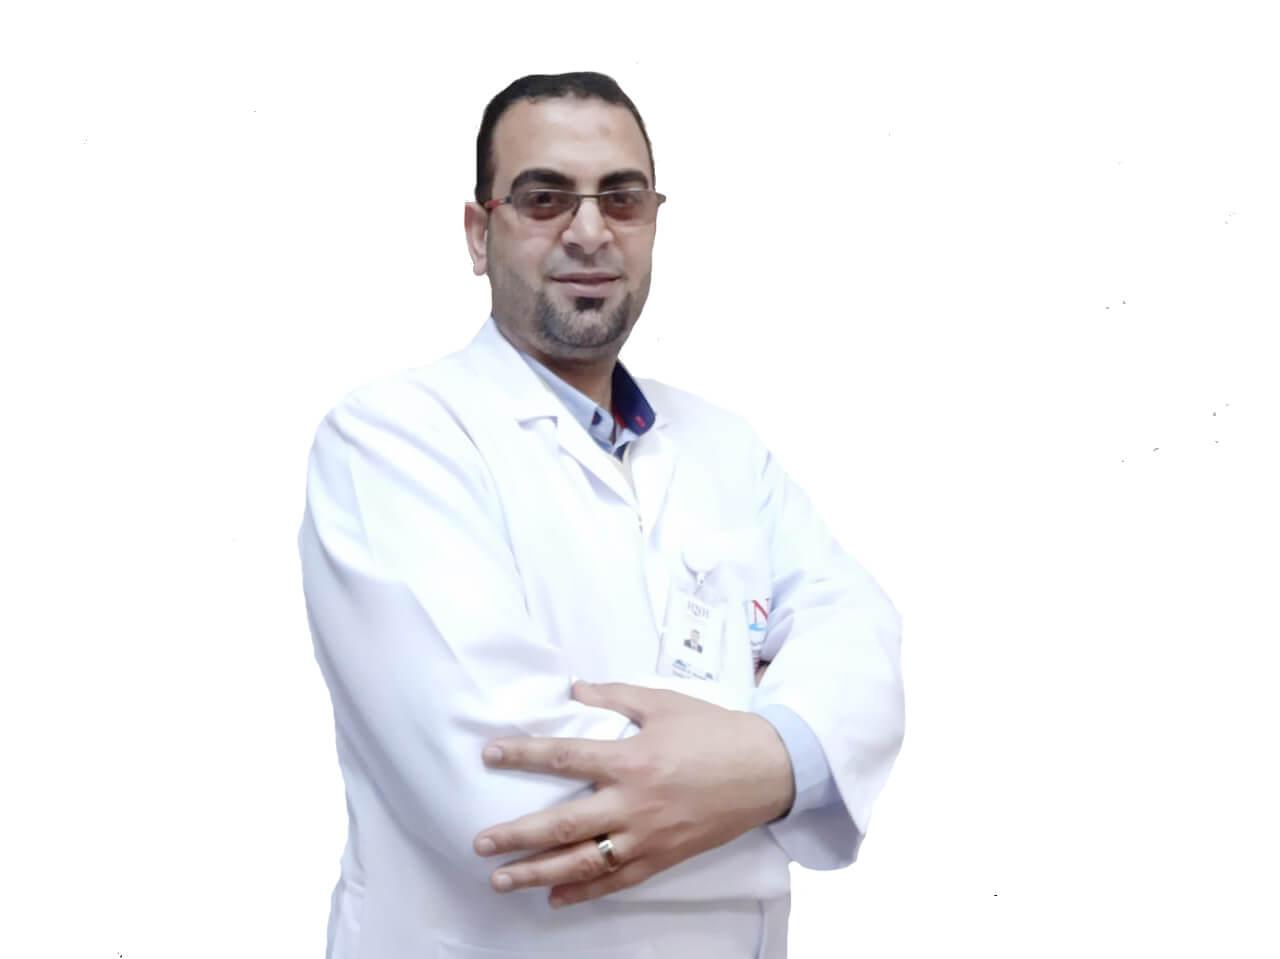 الدكتور مصطفى حسين بركات | أستشاري الأمراض النفسية والعصبية